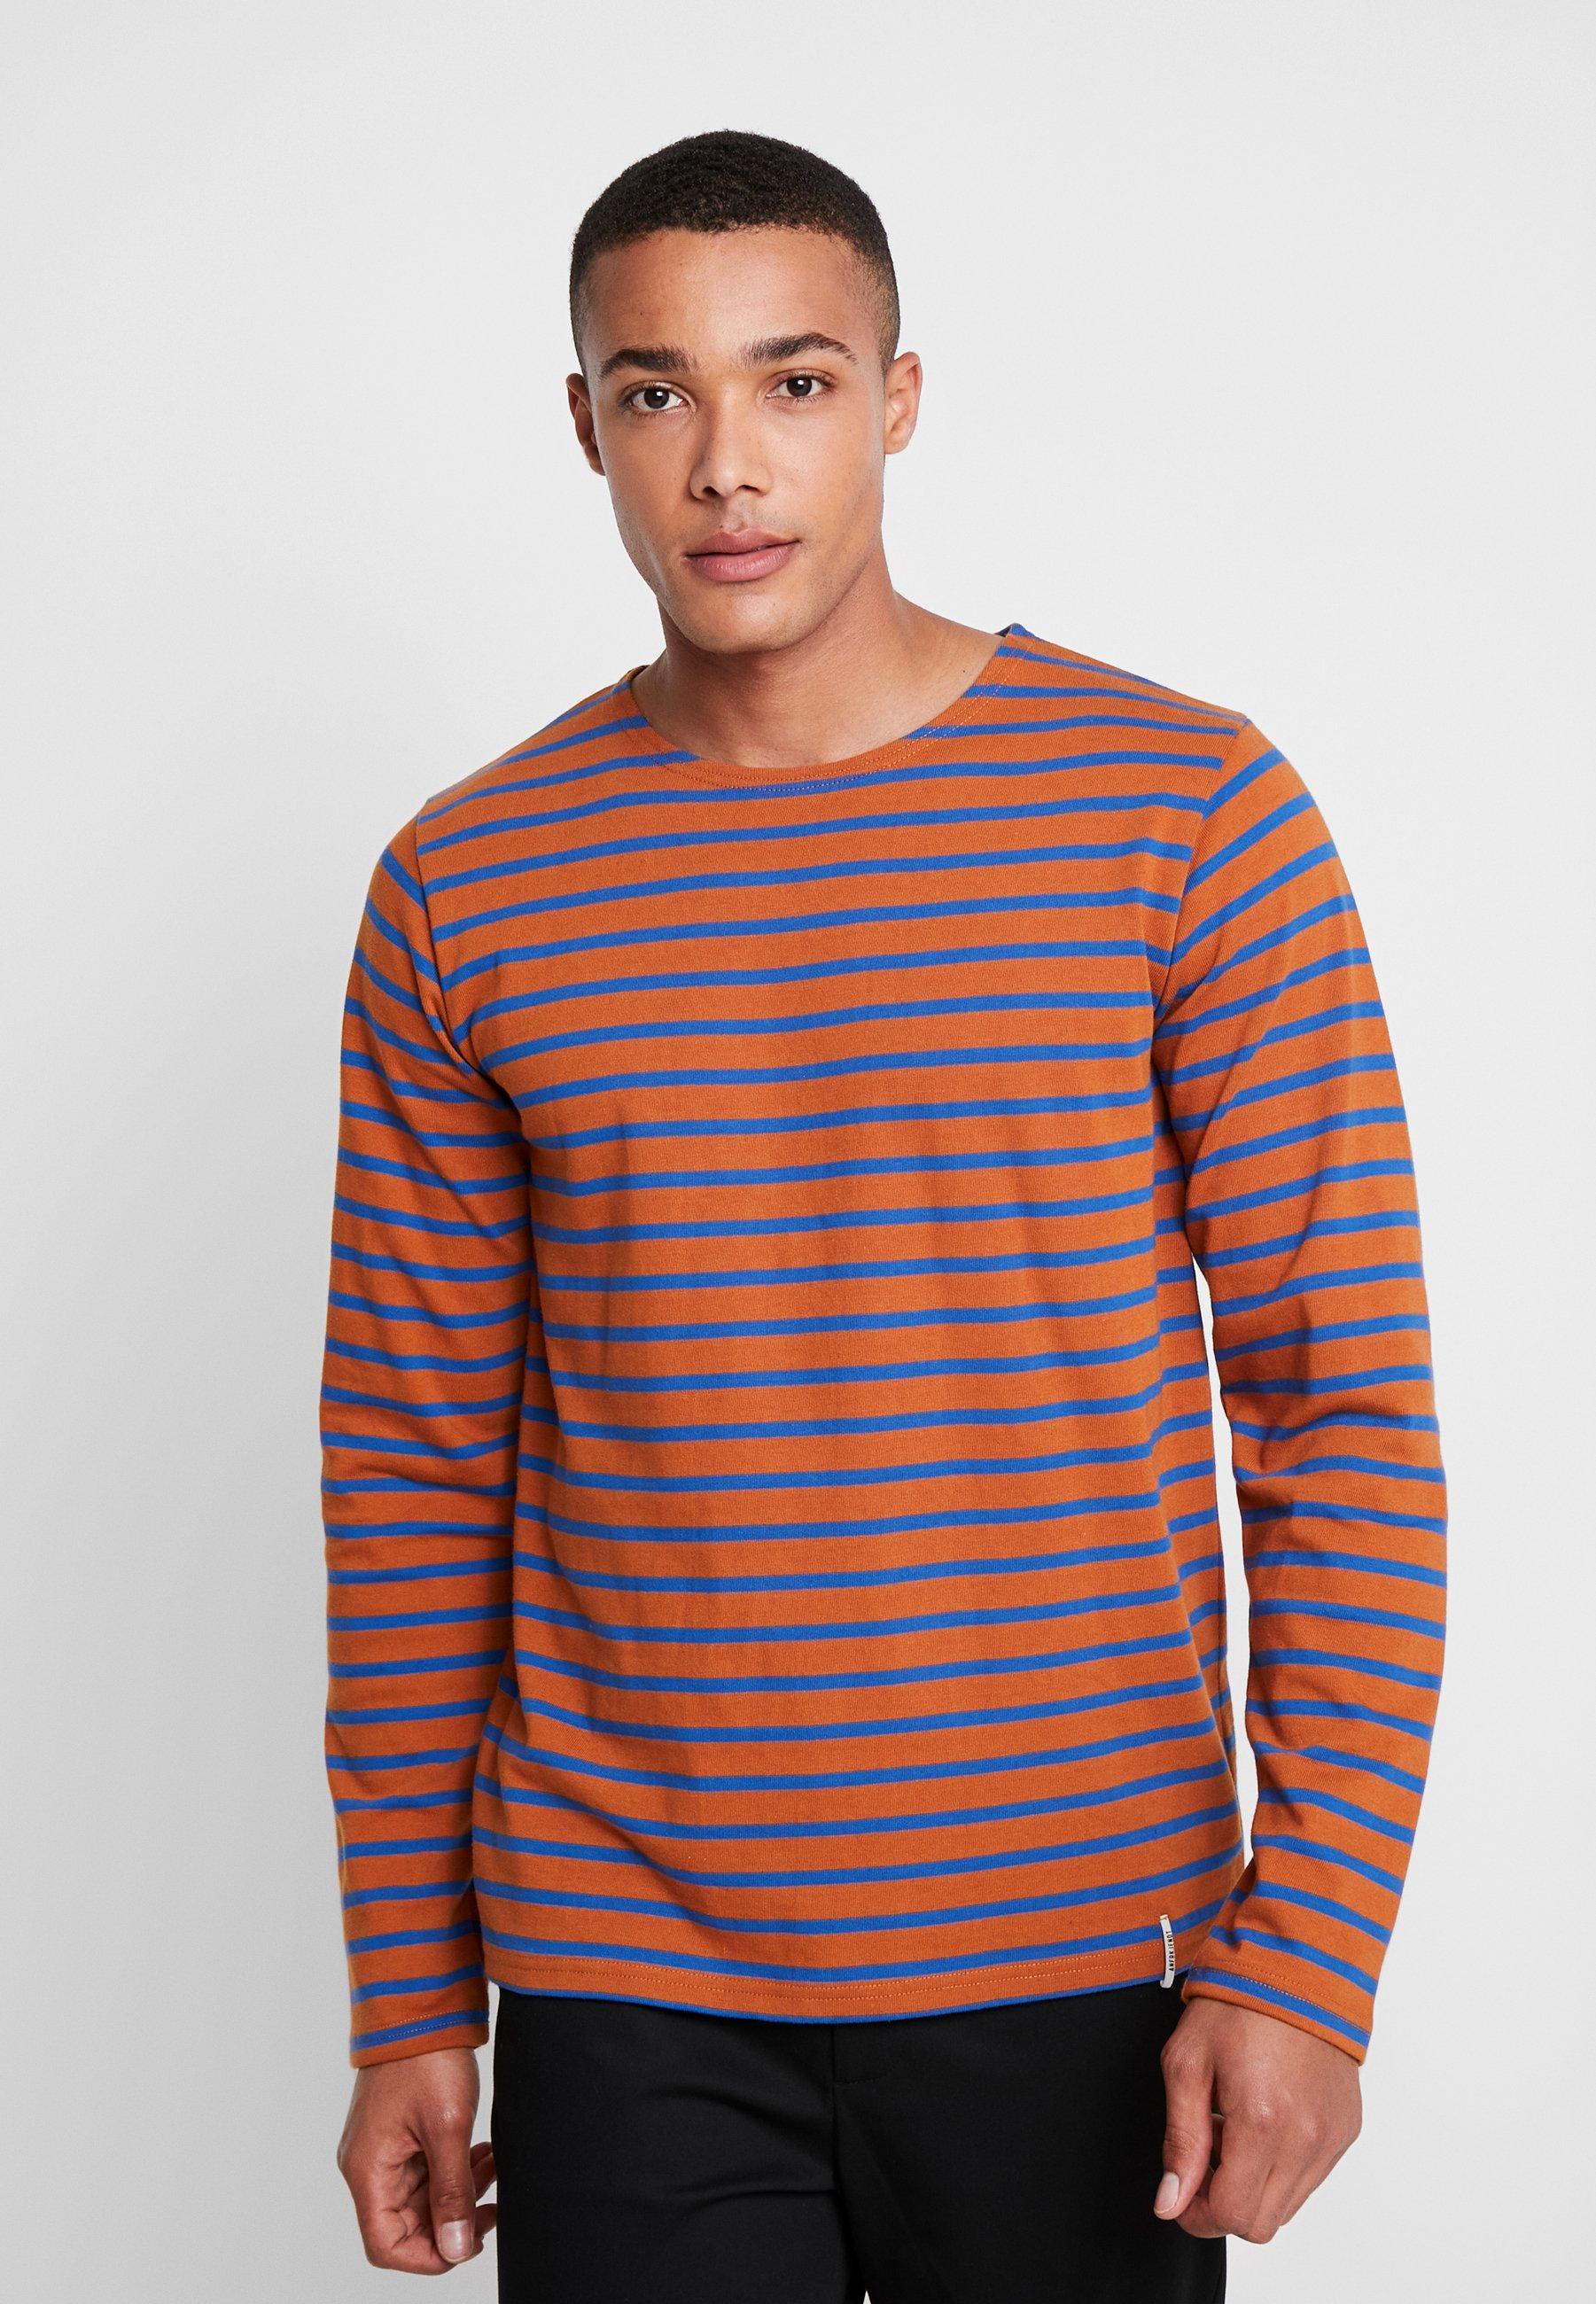 Longues Manches Leather shirt SailorT Anerkjendt À IE29DWHY